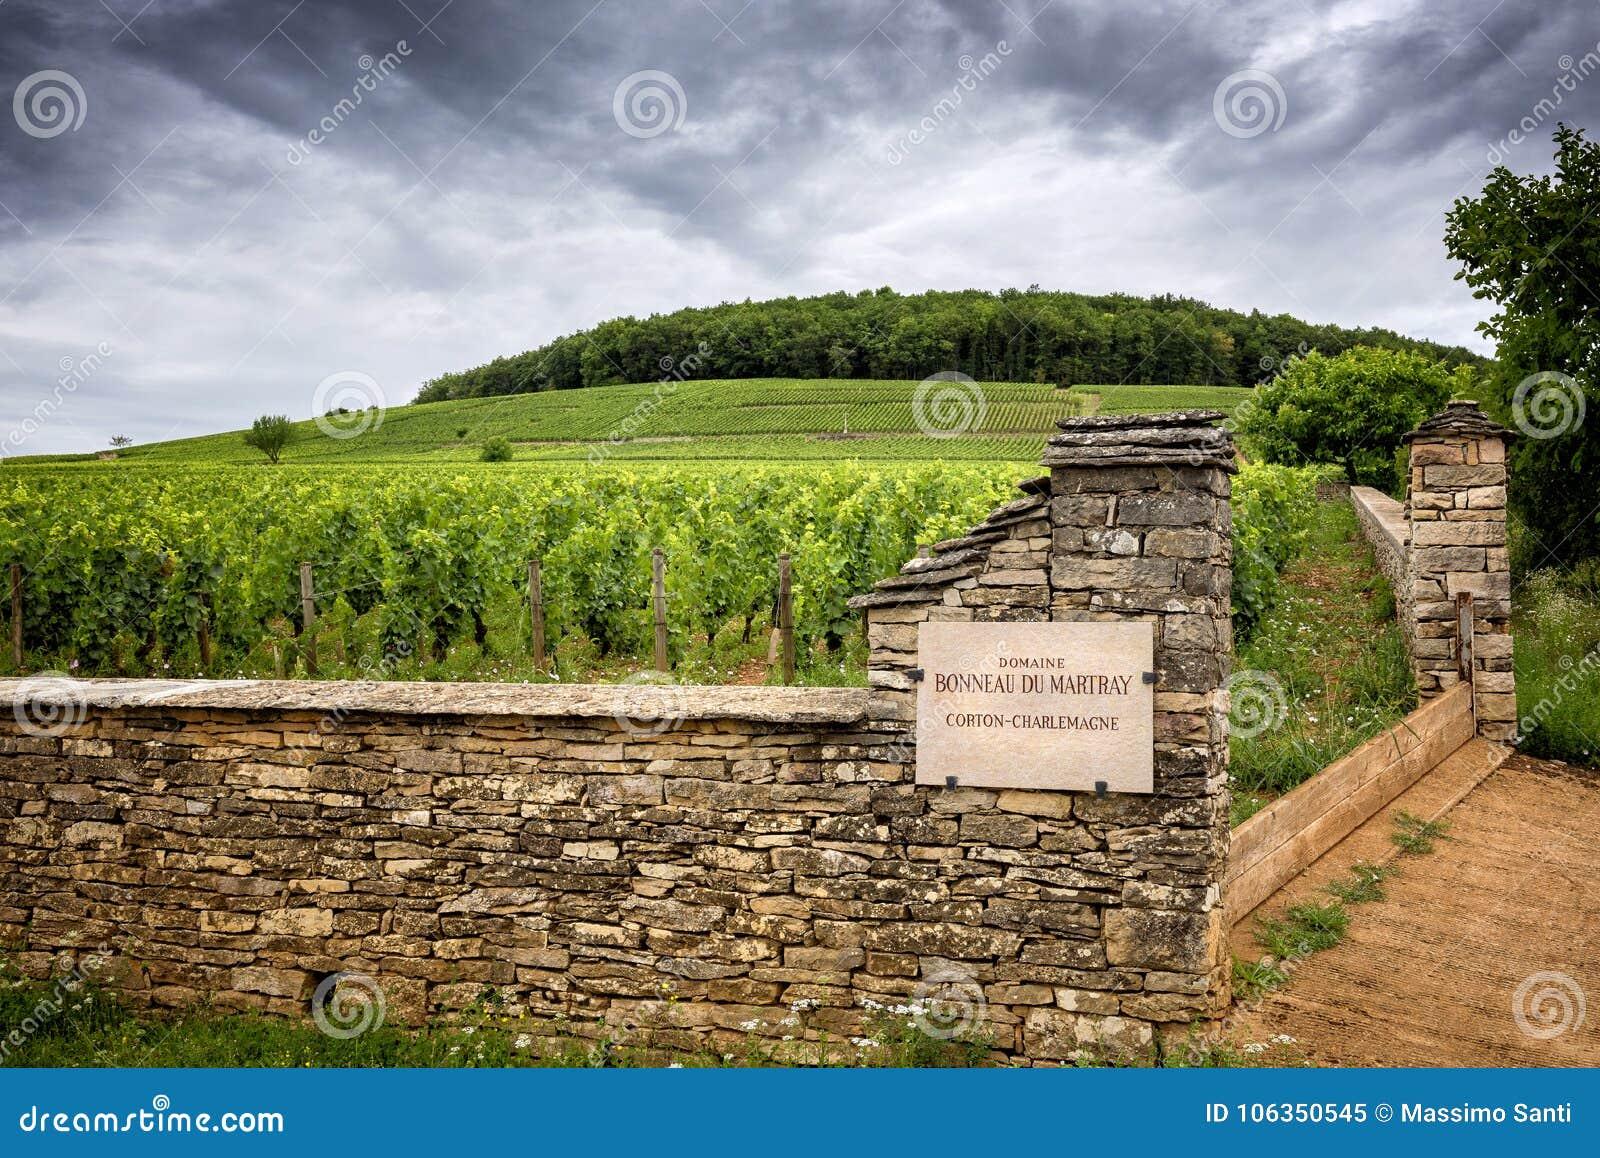 Borgonha Corton-Charlemagne é a denominação grande de Cru para os vinhos brancos do monte de Montagne de Corton, França